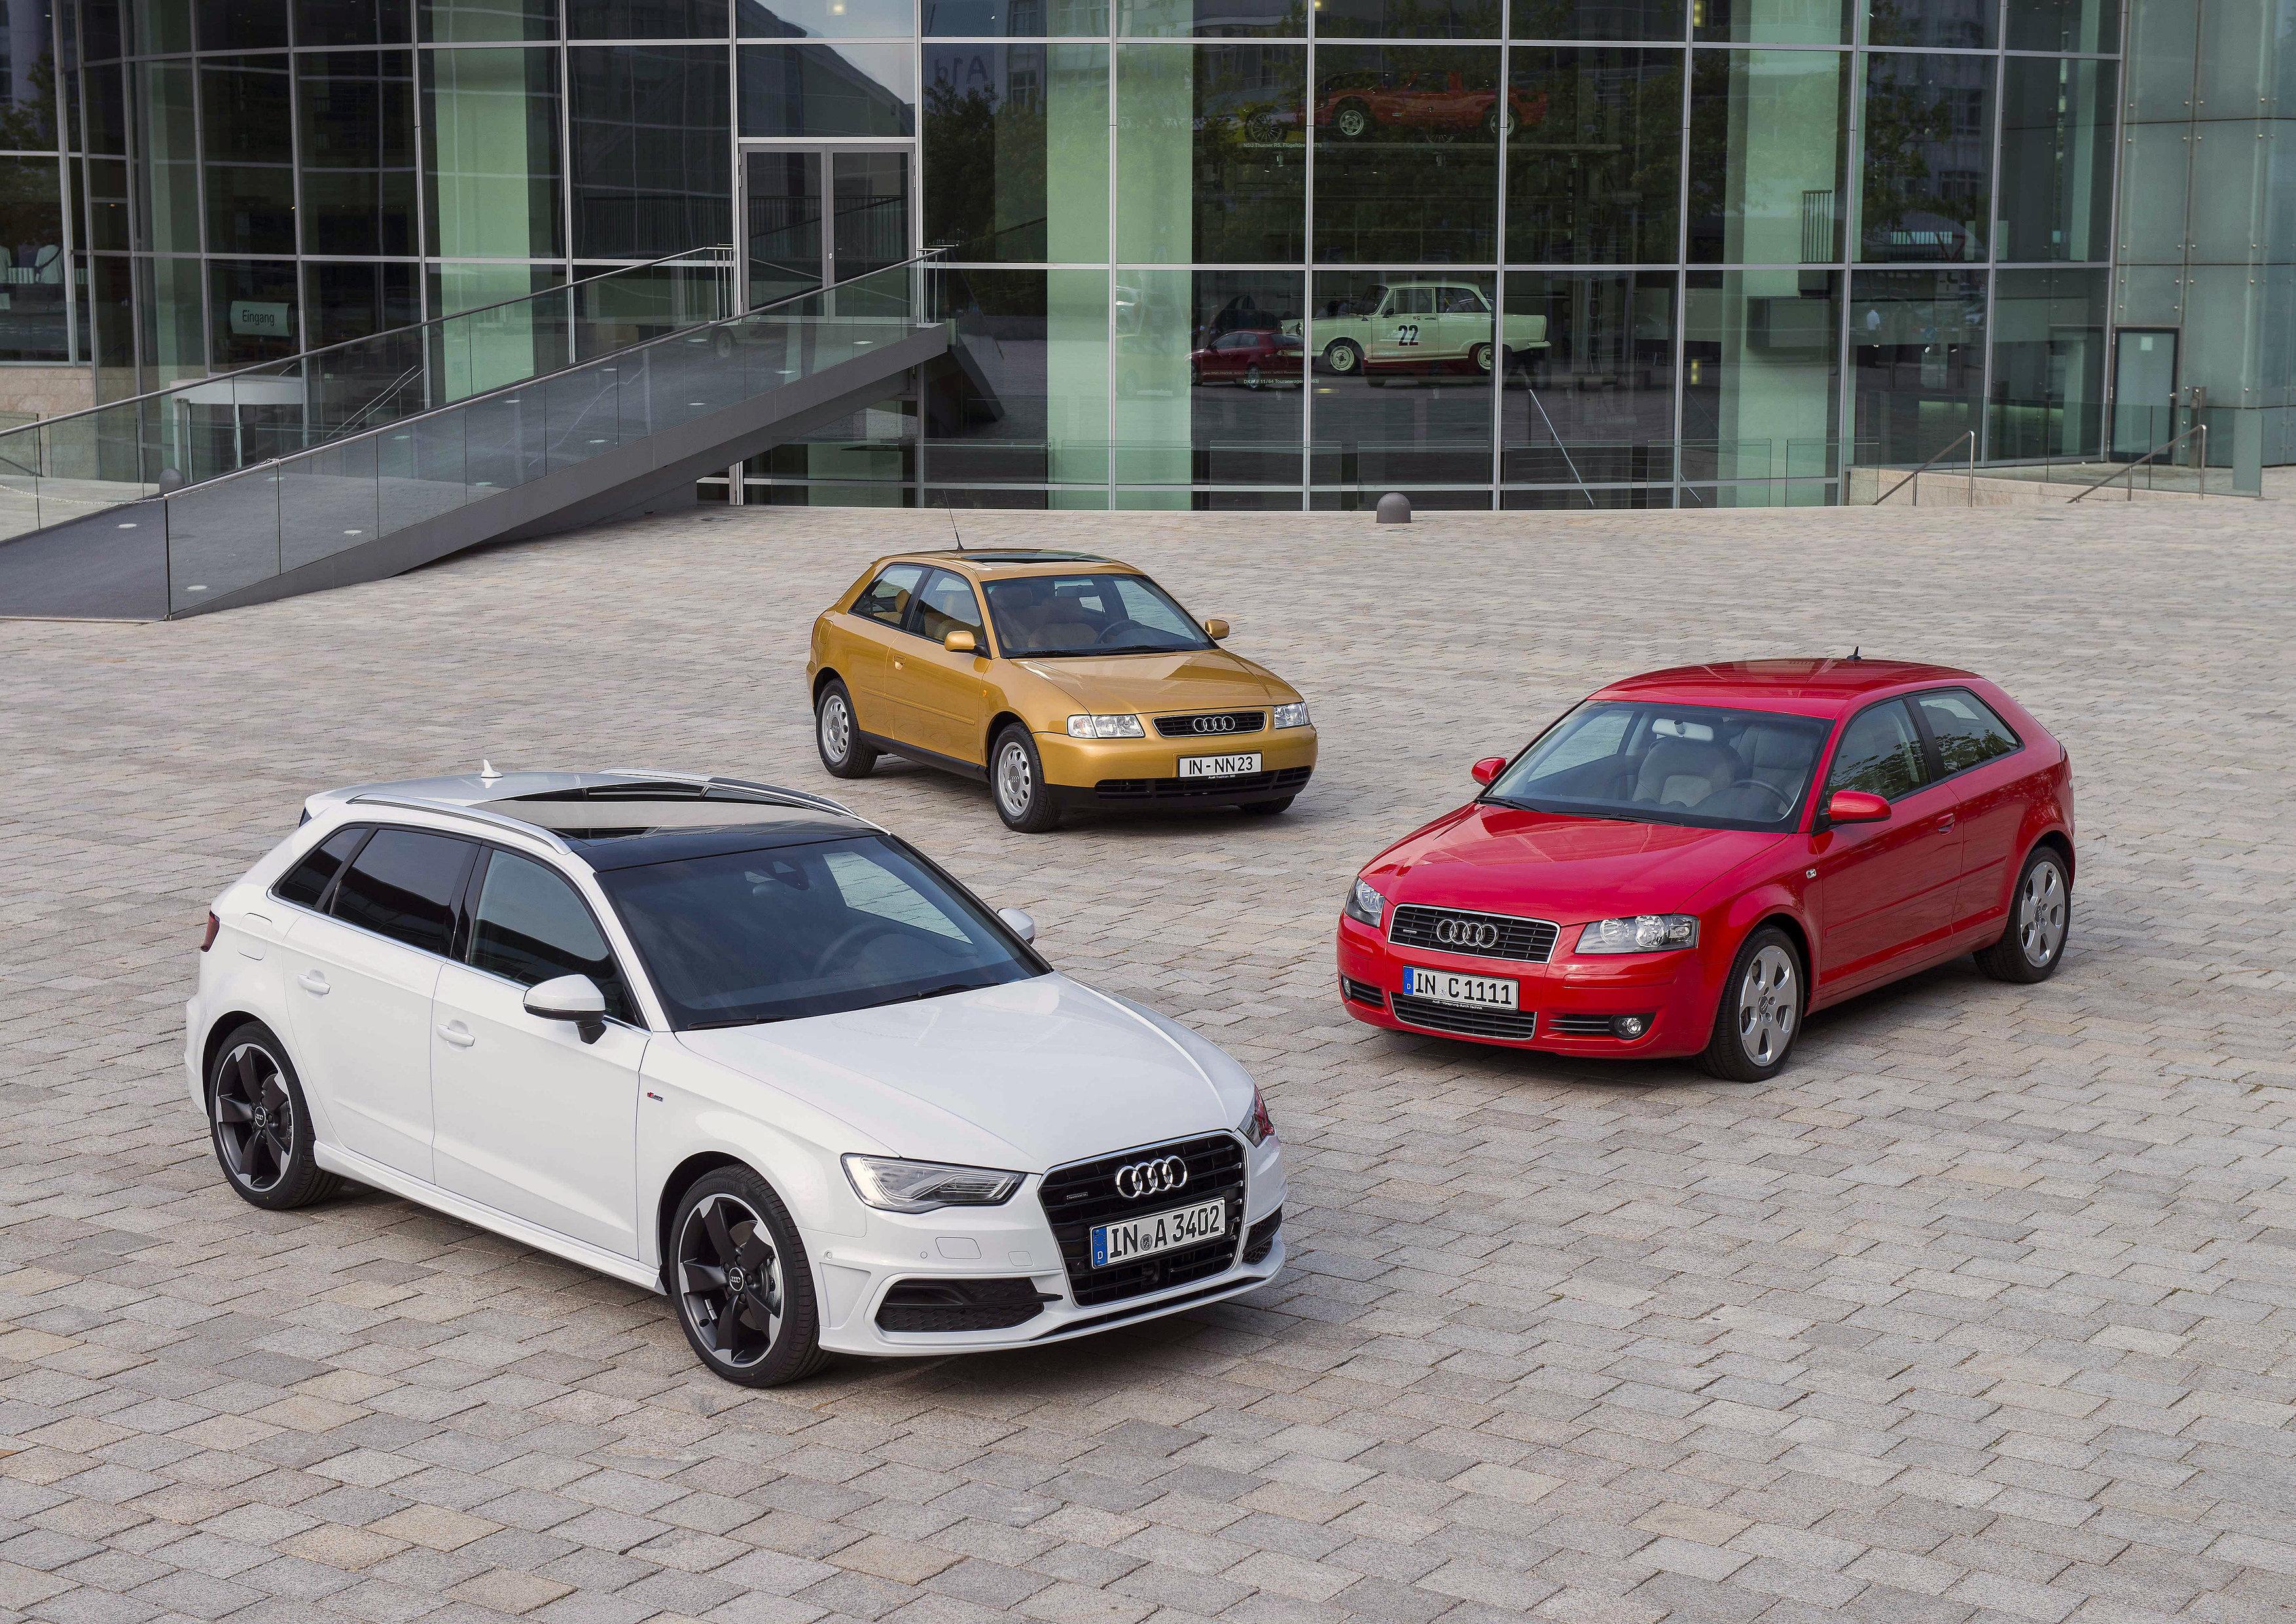 Audi А3 го слави 20-годишниот јубилеј со повеќе од 3,5 милиони возила продадени низ цел свет